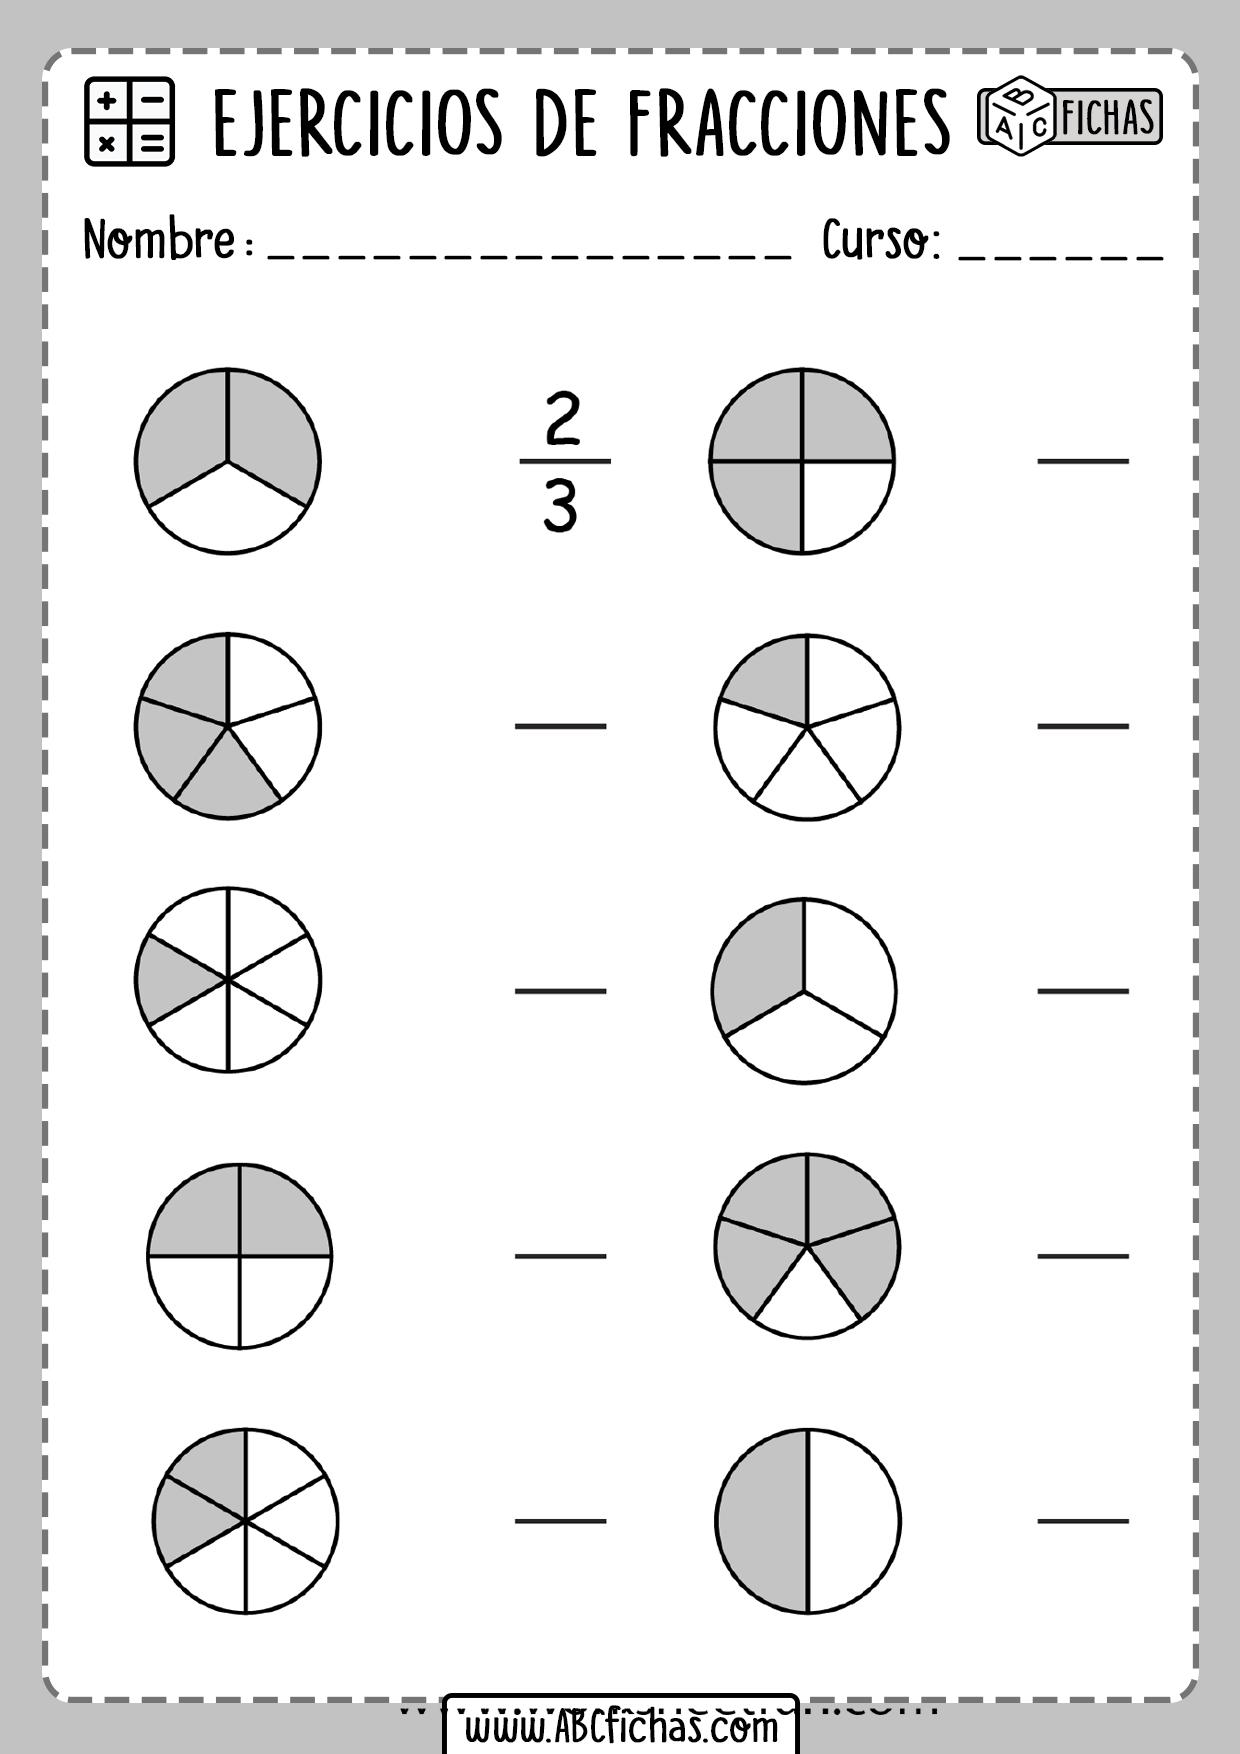 Ejercicios de fracciones para primero de primaria